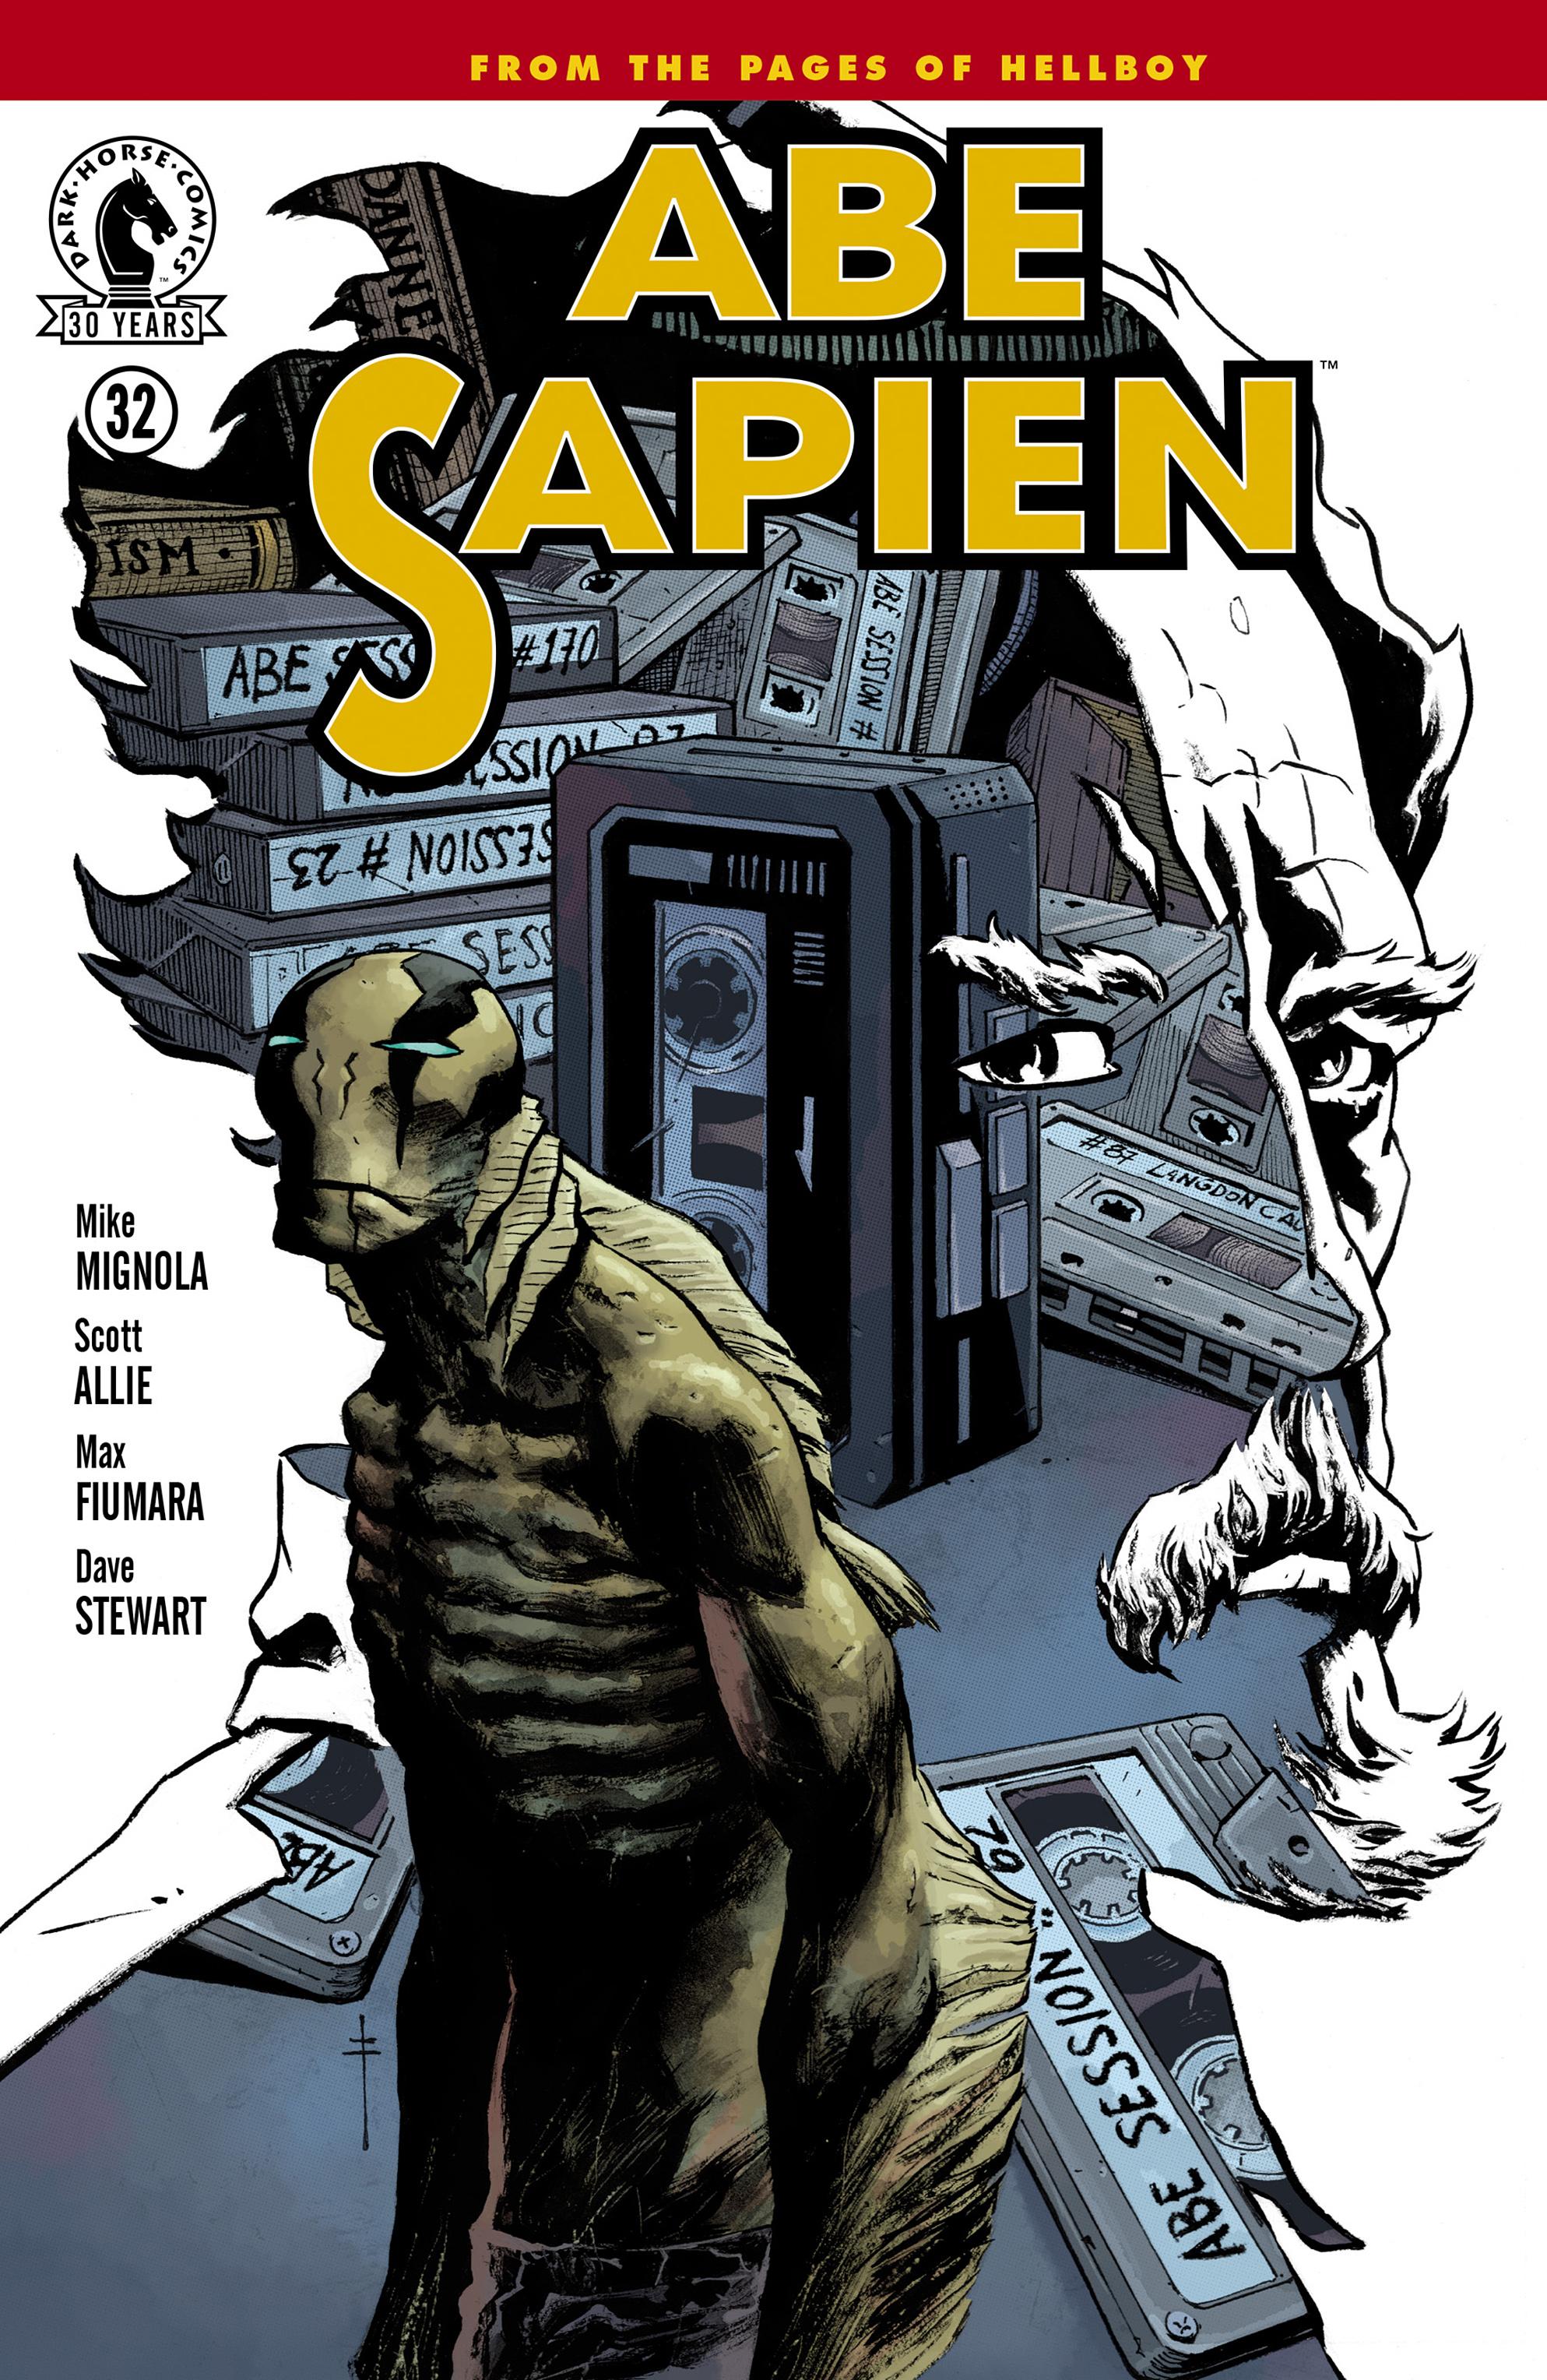 Read online Abe Sapien comic -  Issue #32 - 1